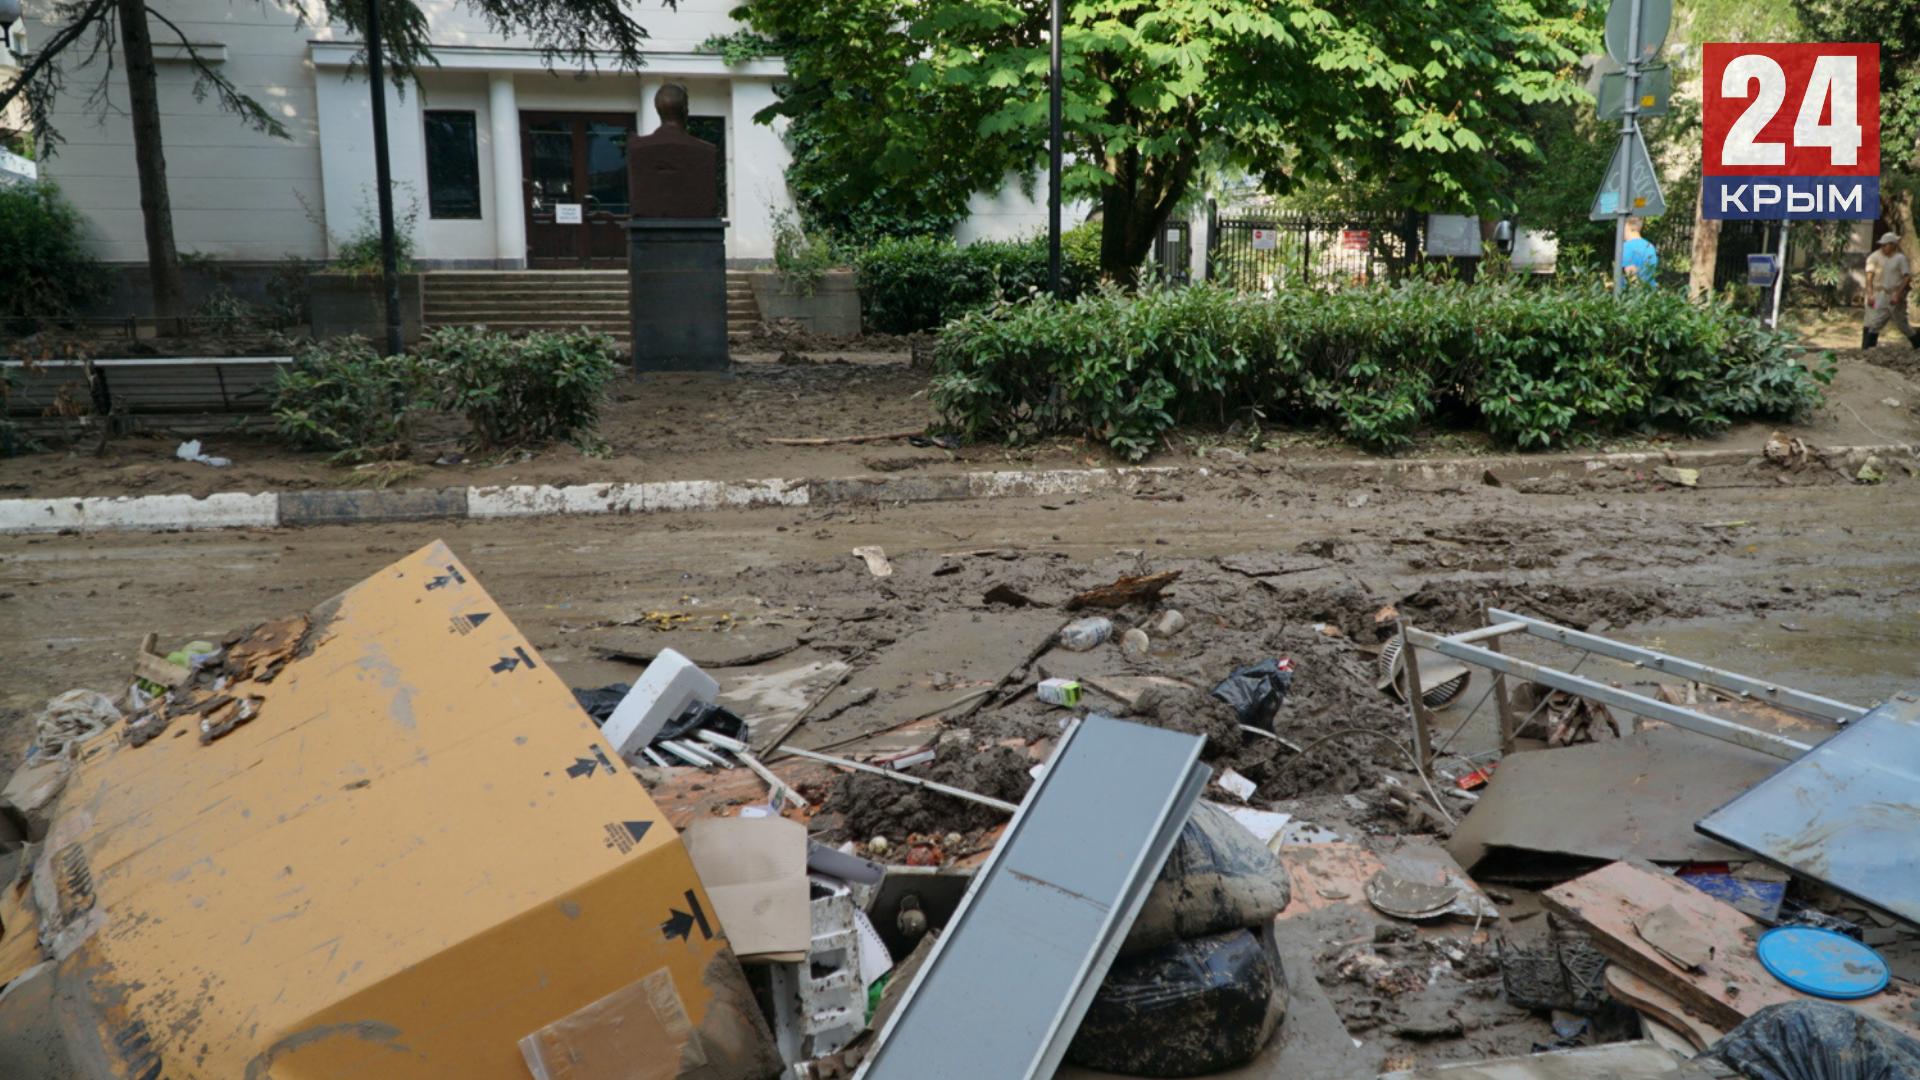 Жители Ялты, пострадавшие от потопа, могут подать заявление на оказание помощи